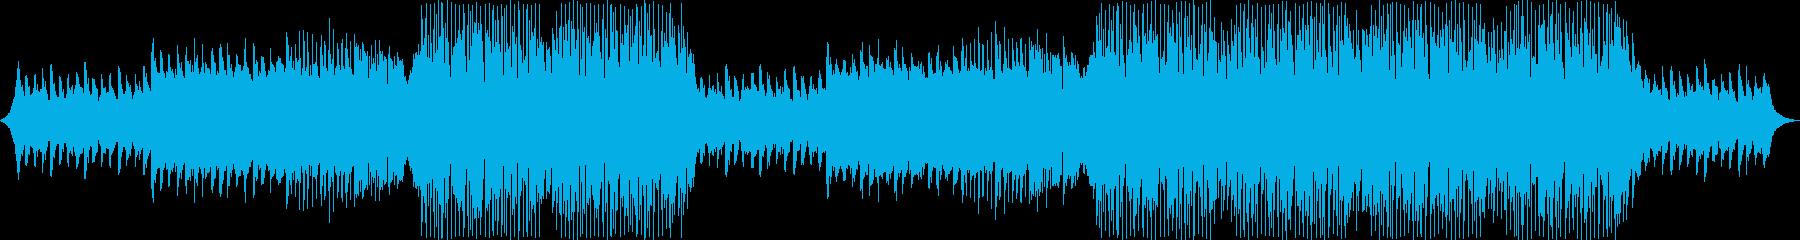 映画のような壮大な洋楽EDMの再生済みの波形